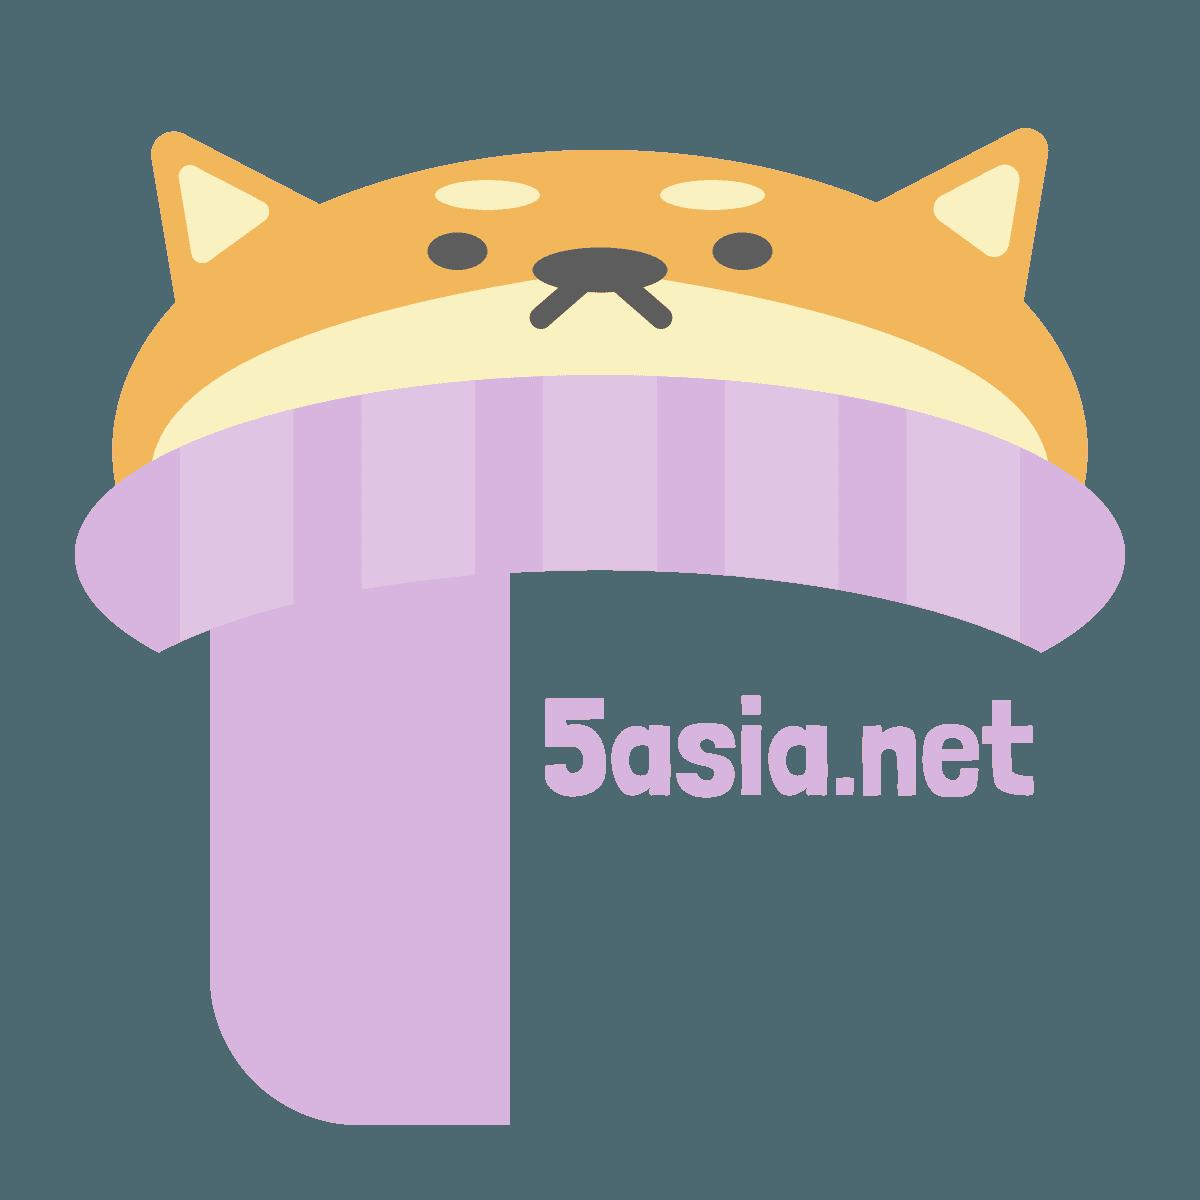 5asia.net